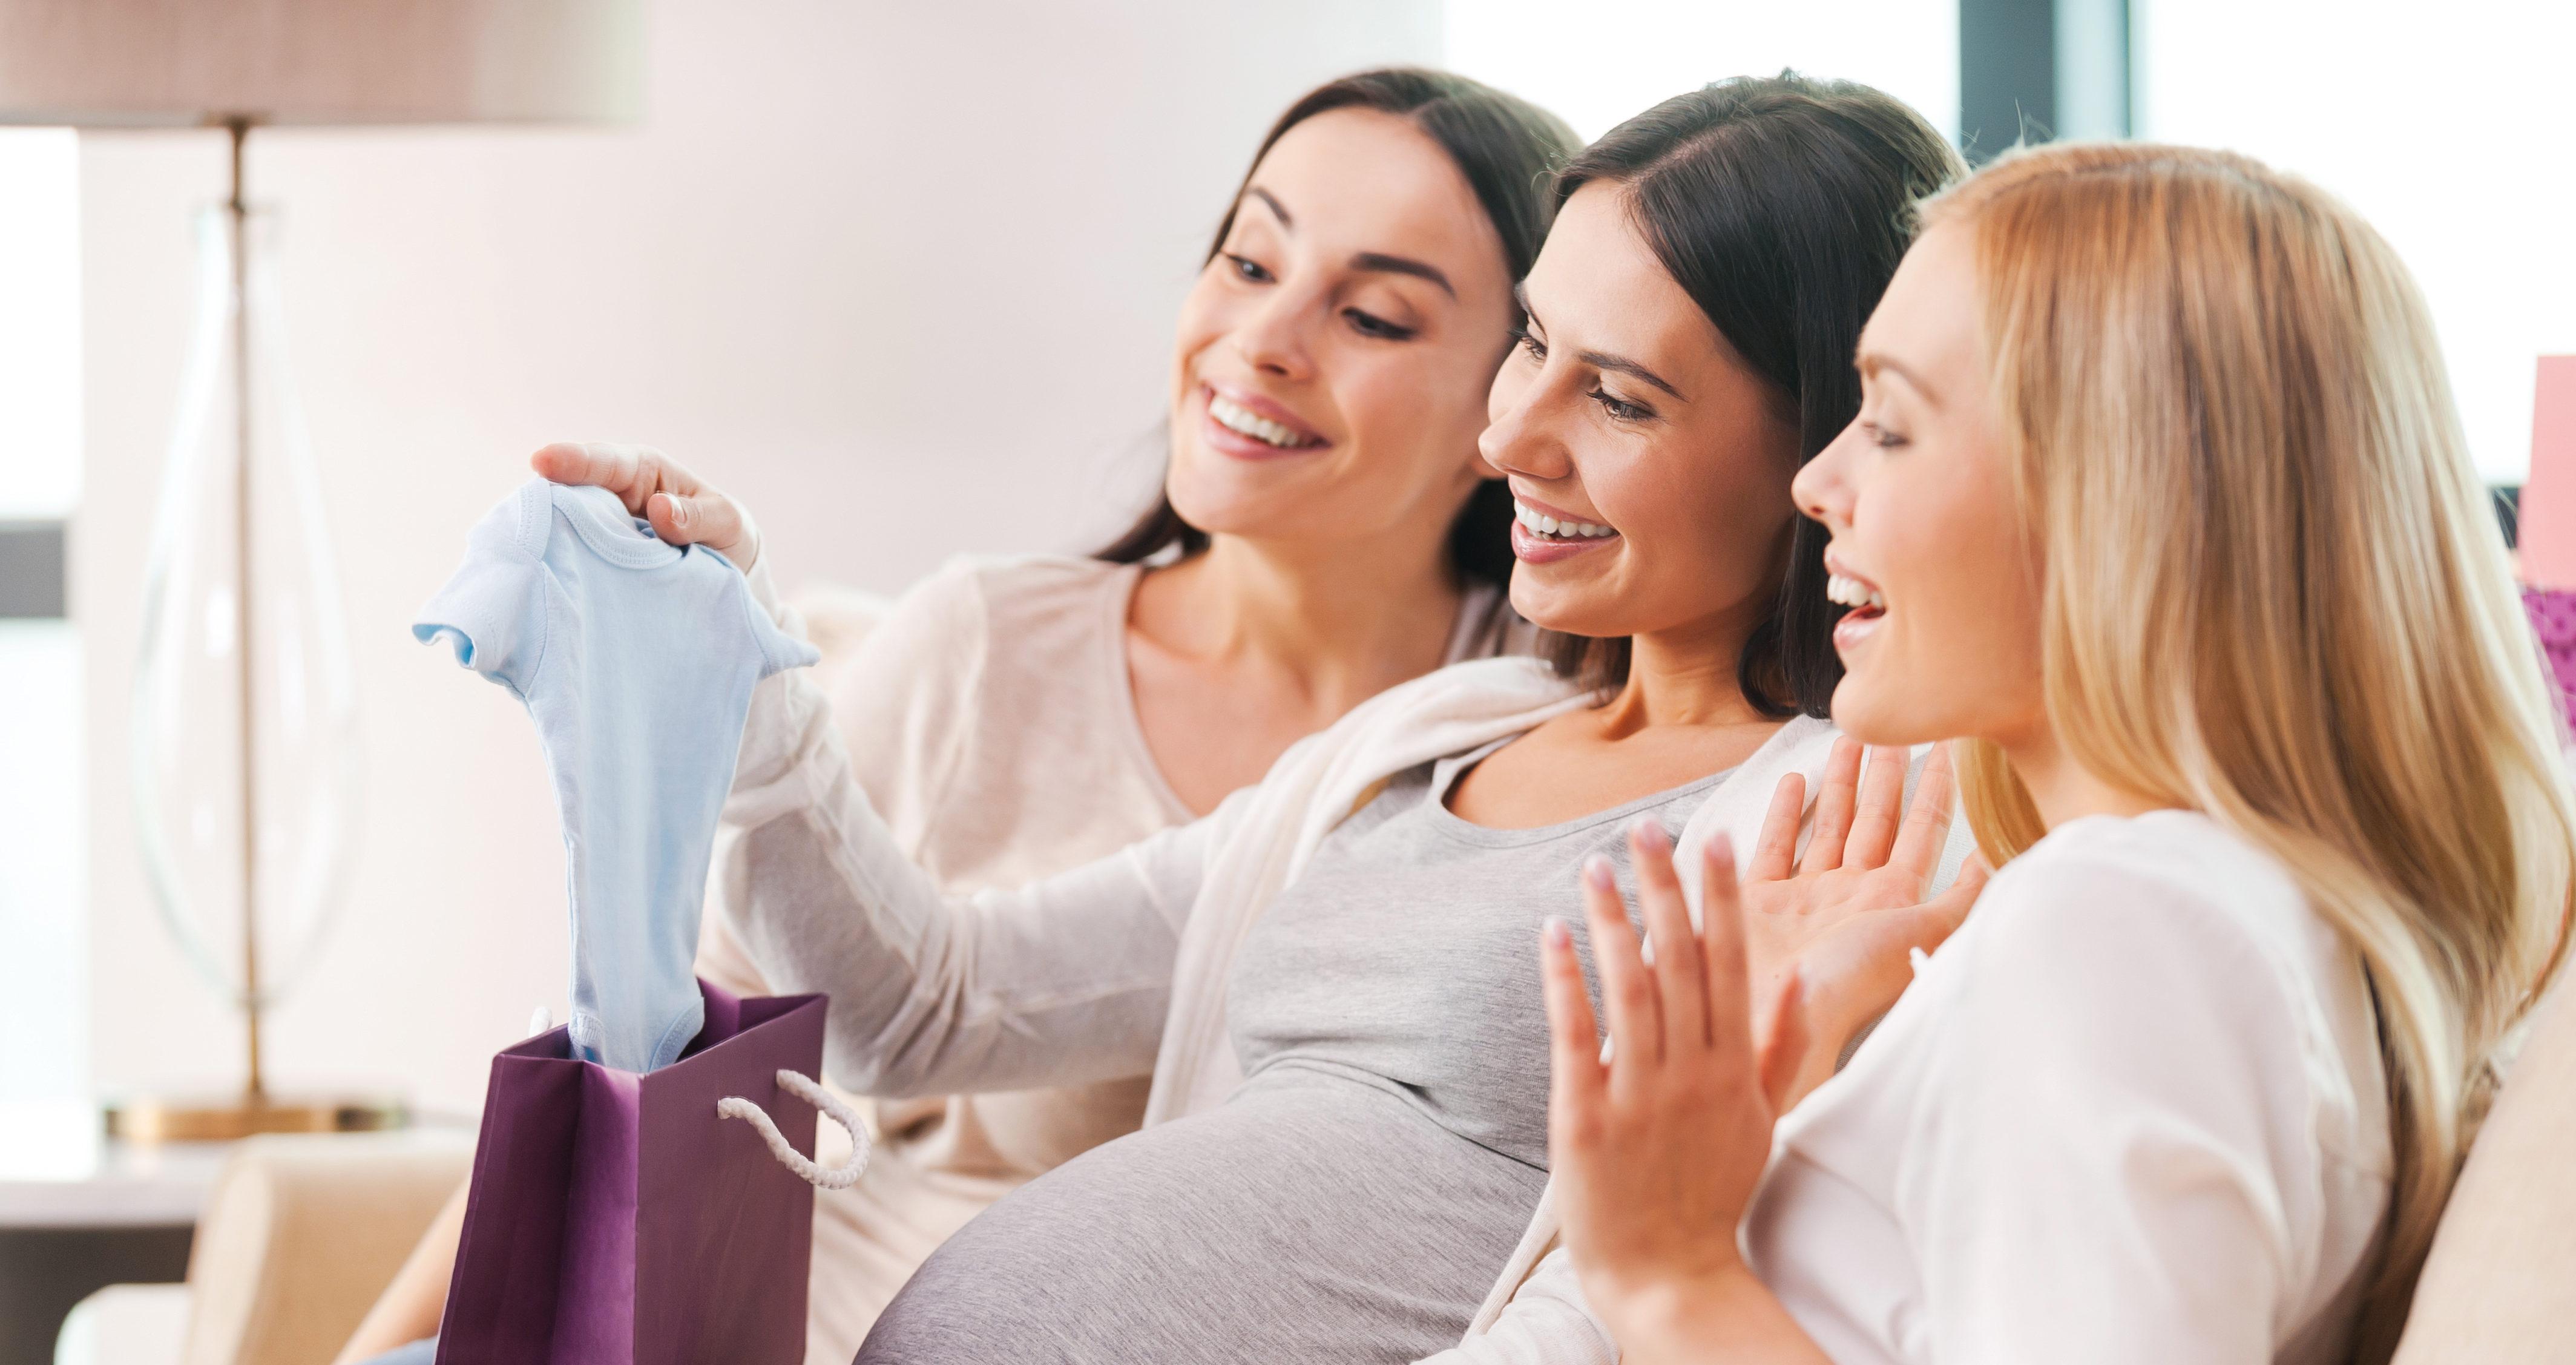 Що подарувати новонародженому: ідеї подарунків